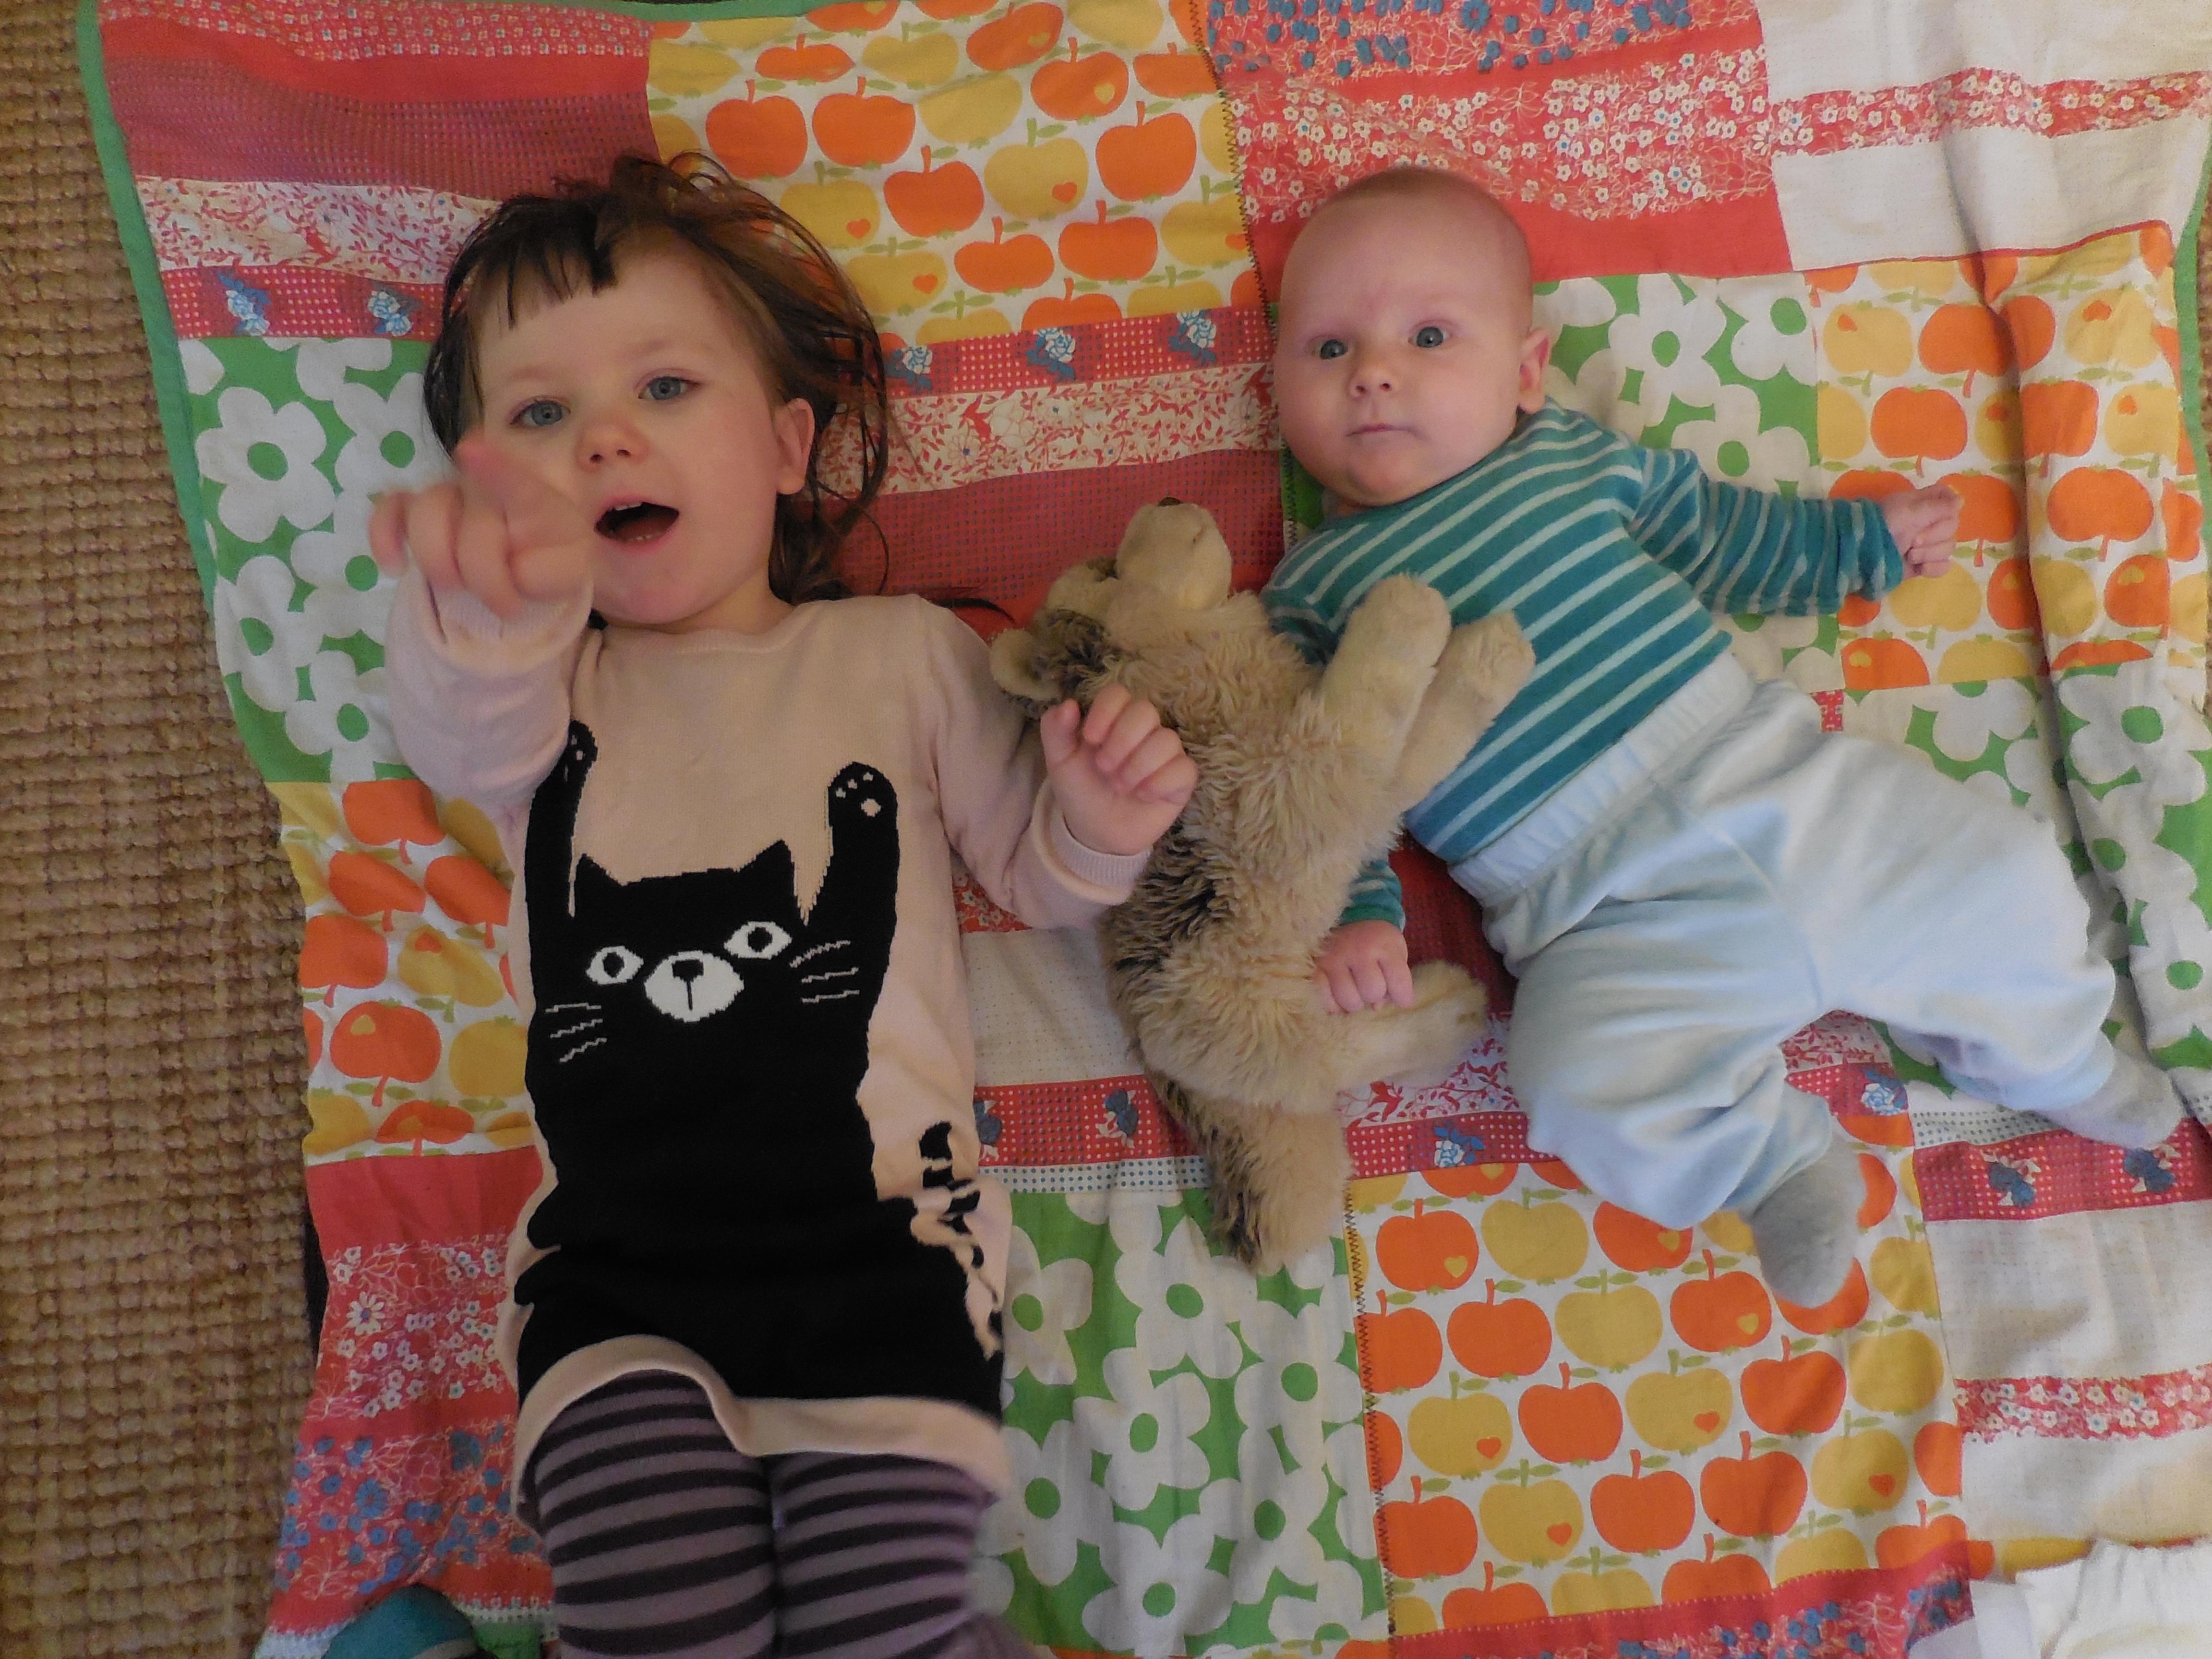 Diät zur Gewichtszunahme eines Babys von 10 Monaten